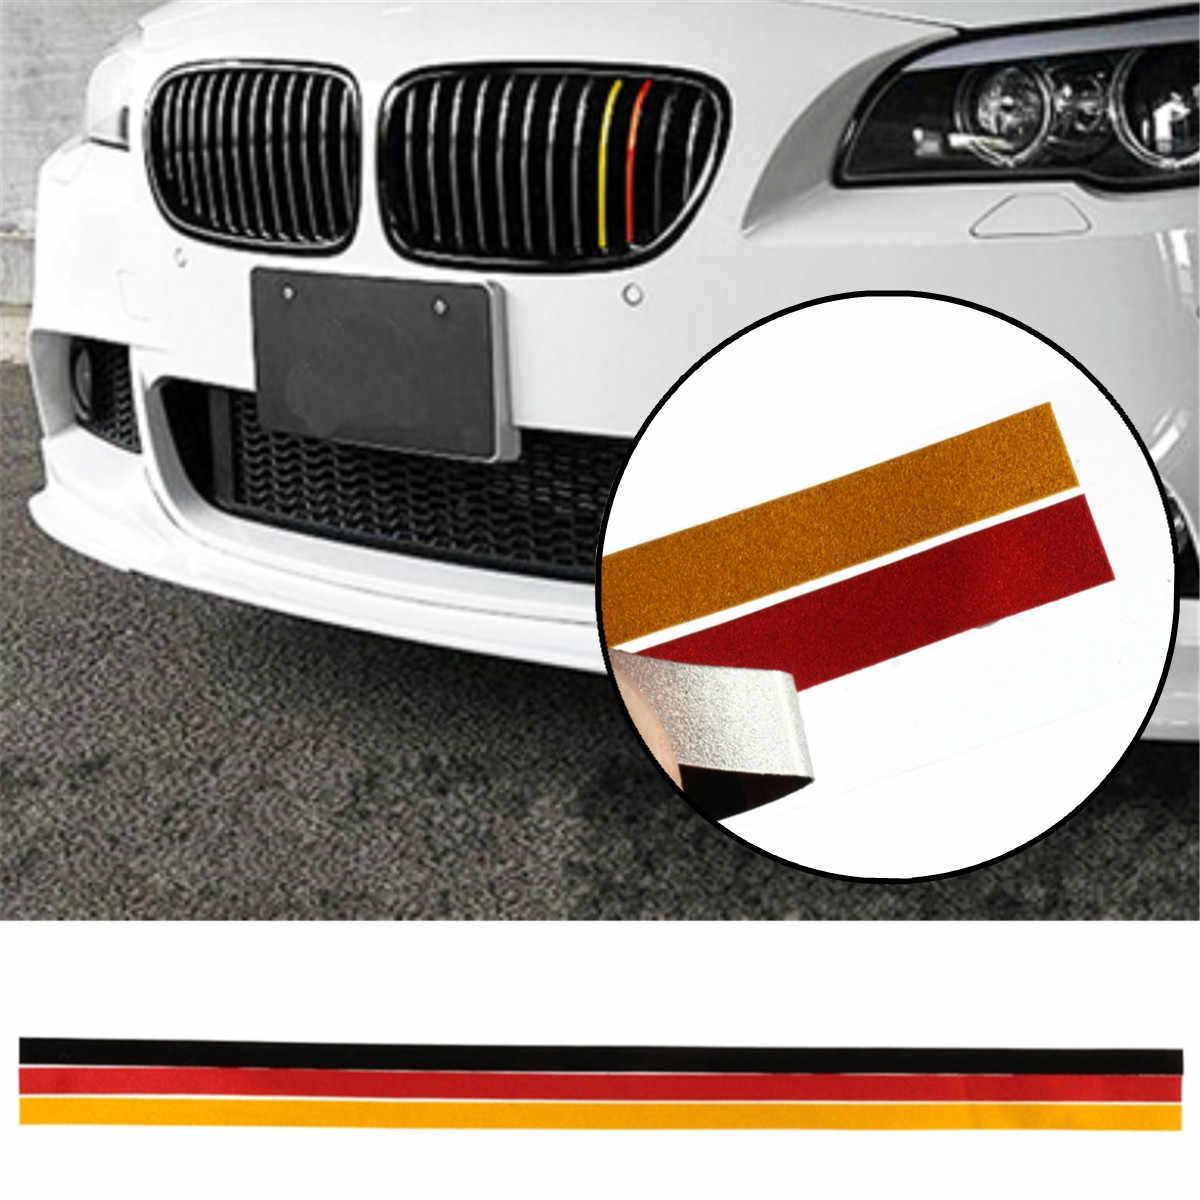 Đức Cờ M-Thể Thao Lưới Tản Nhiệt Nướng Vinyl Strip Sticker Decal Cho BMW/M3/M5/E46/ e90